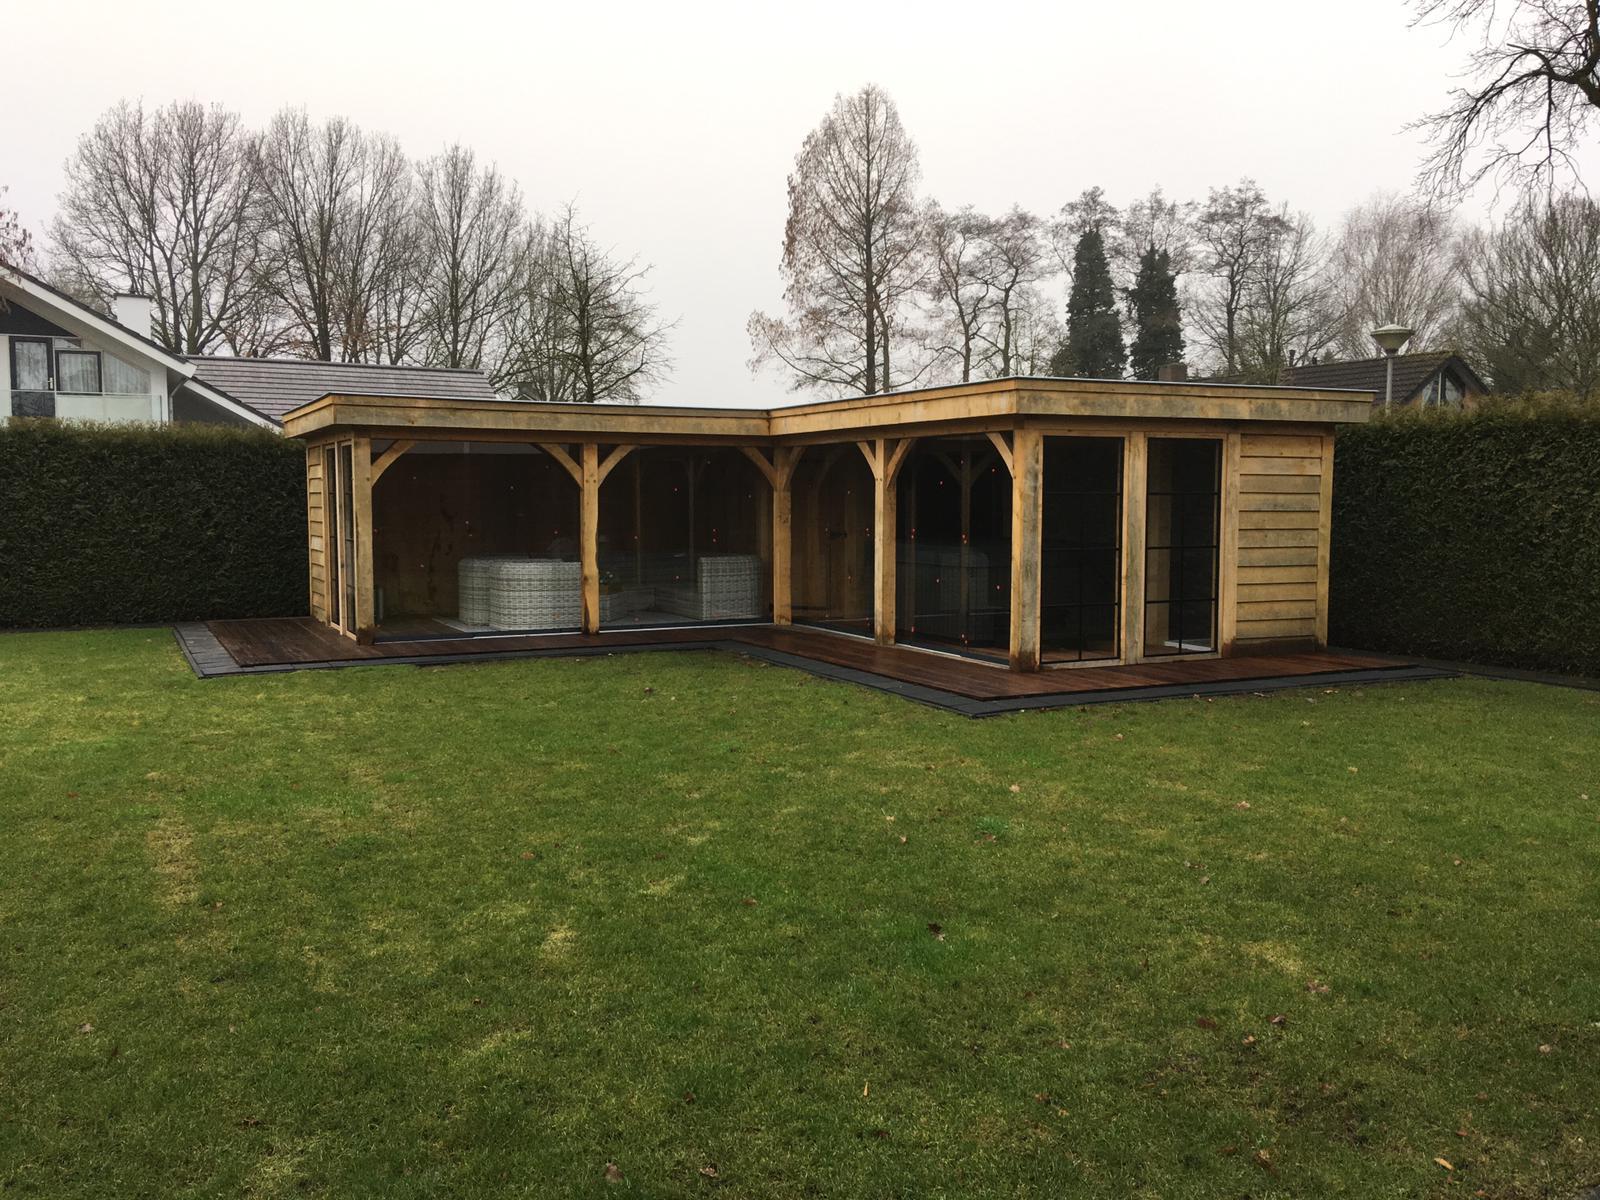 overkapping-met-glazen-schuifwanden-6-1 - Project Hardenberg: Eiken tuinkamer met jacuzzi overkapping hoekmodel.